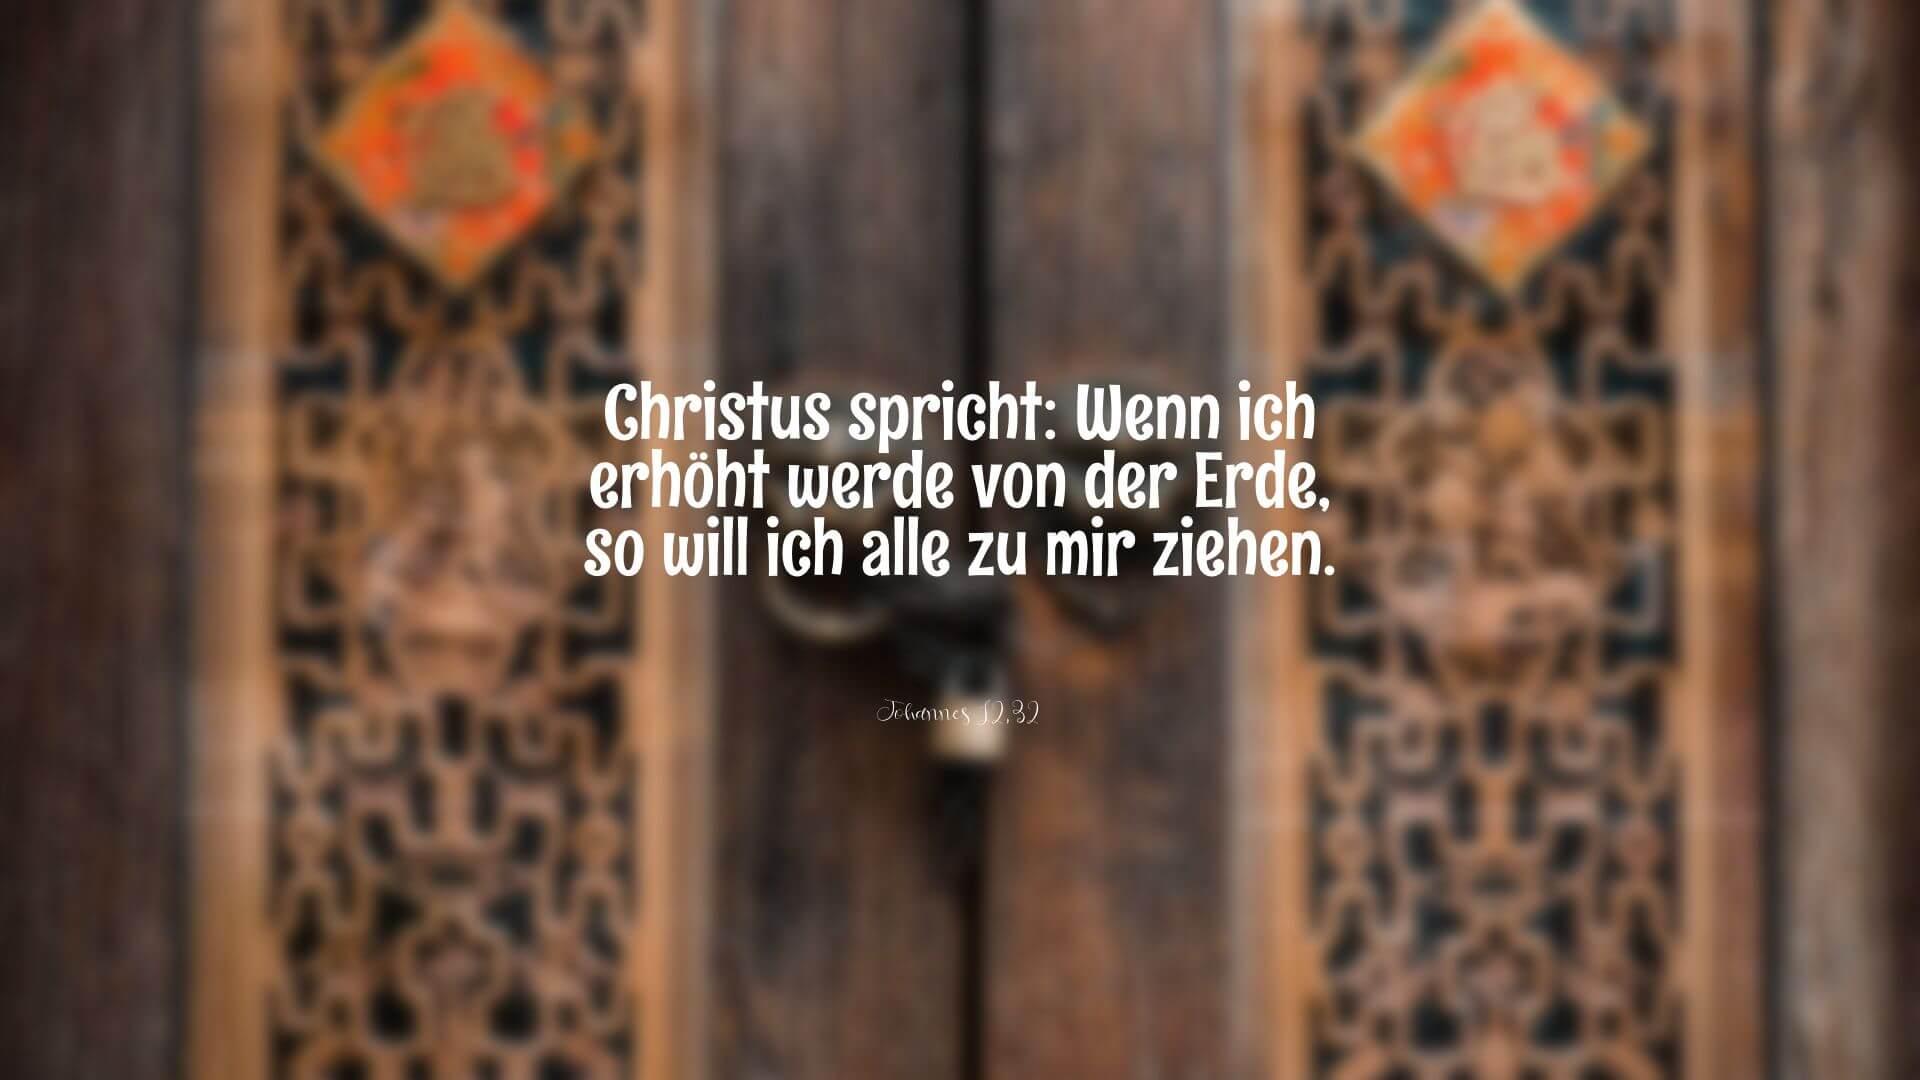 Christus spricht: Wenn ich erhöht werde von der Erde, so will ich alle zu mir ziehen. - Johannes 12,32